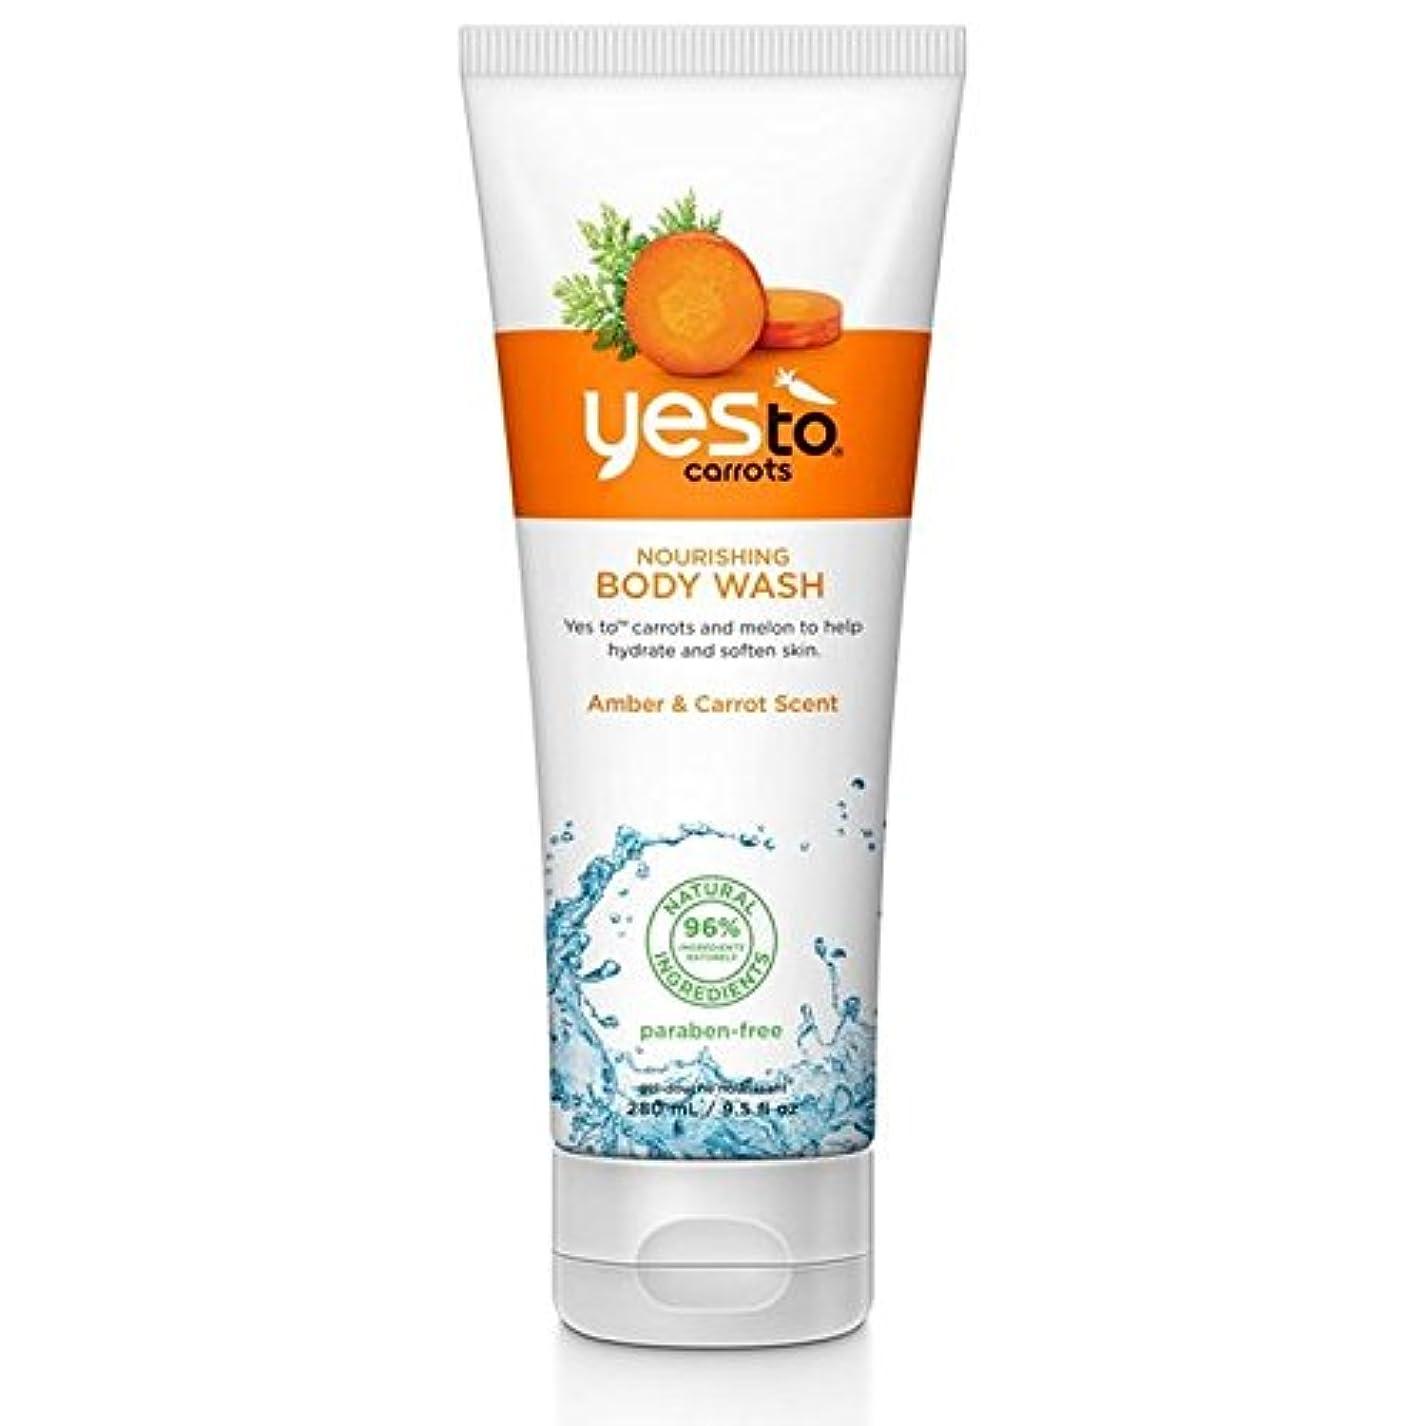 マウントバンク介入するブランデーYes To Carrots Nourishing Body Wash 280ml (Pack of 6) - はいボディウォッシュ280ミリリットル栄養ニンジンへ x6 [並行輸入品]